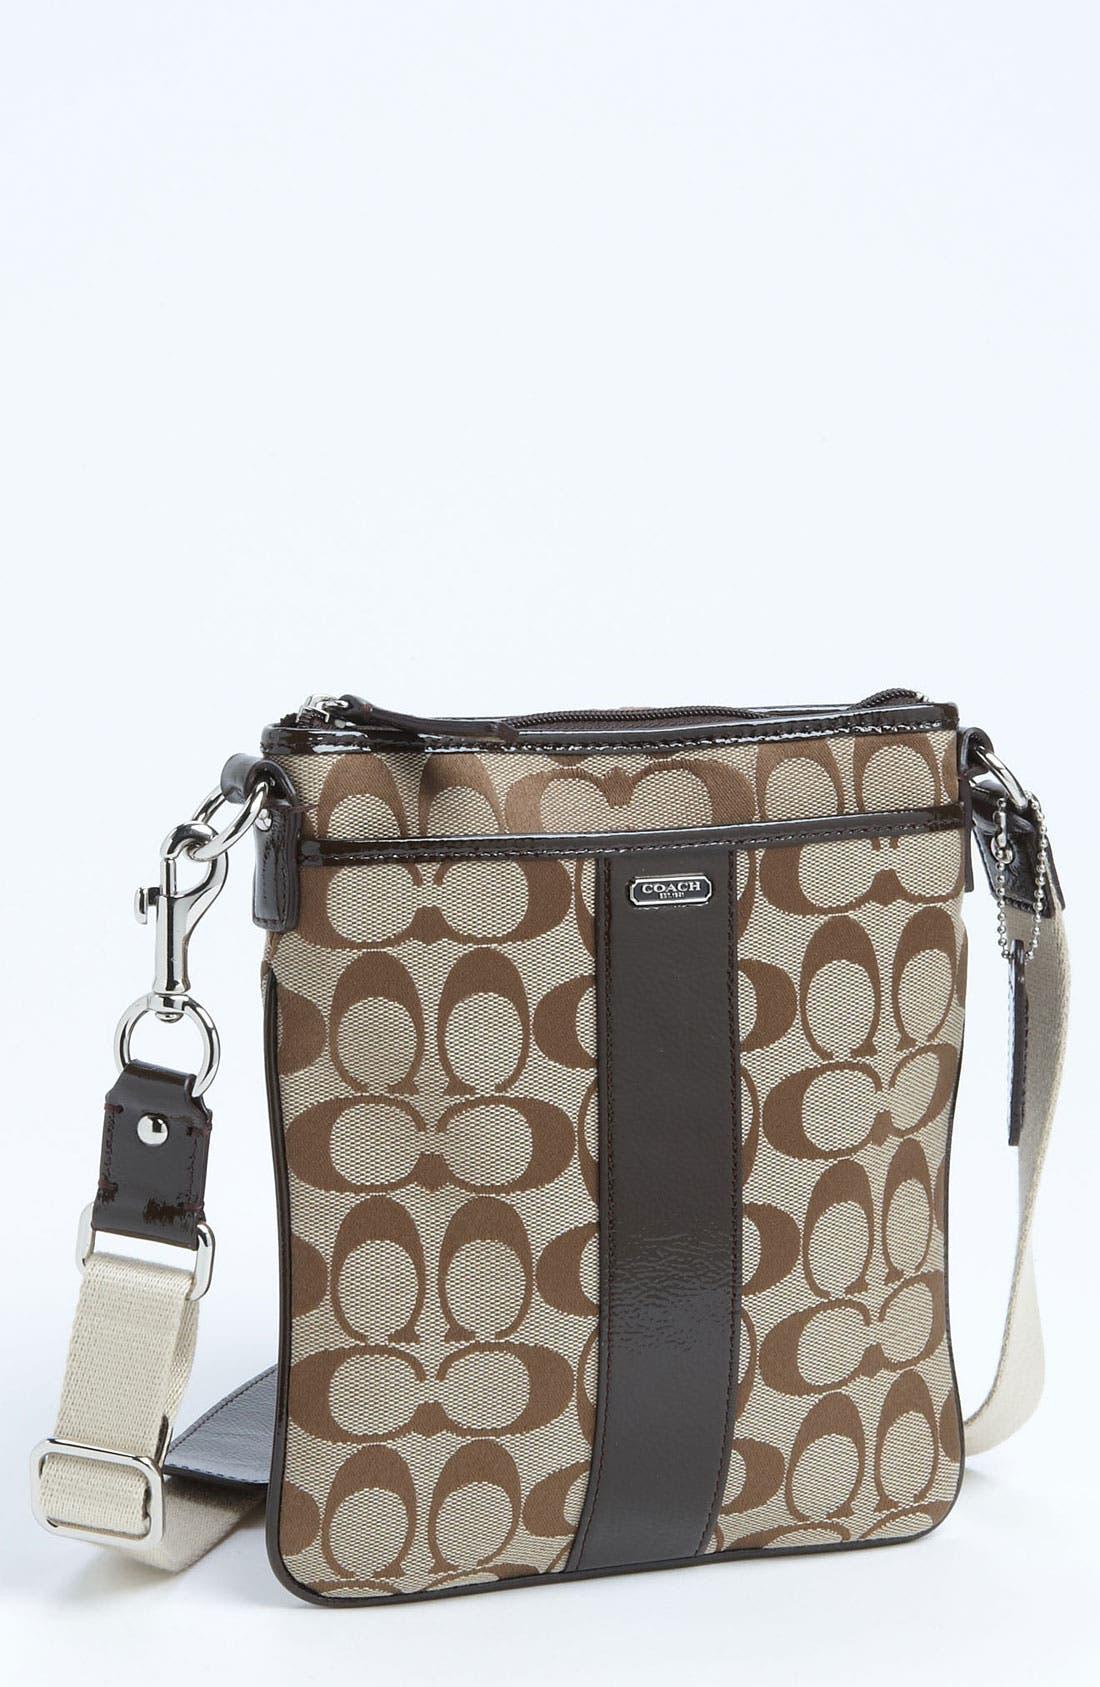 Main Image - COACH 'Signature - Swingpack' Crossbody Bag